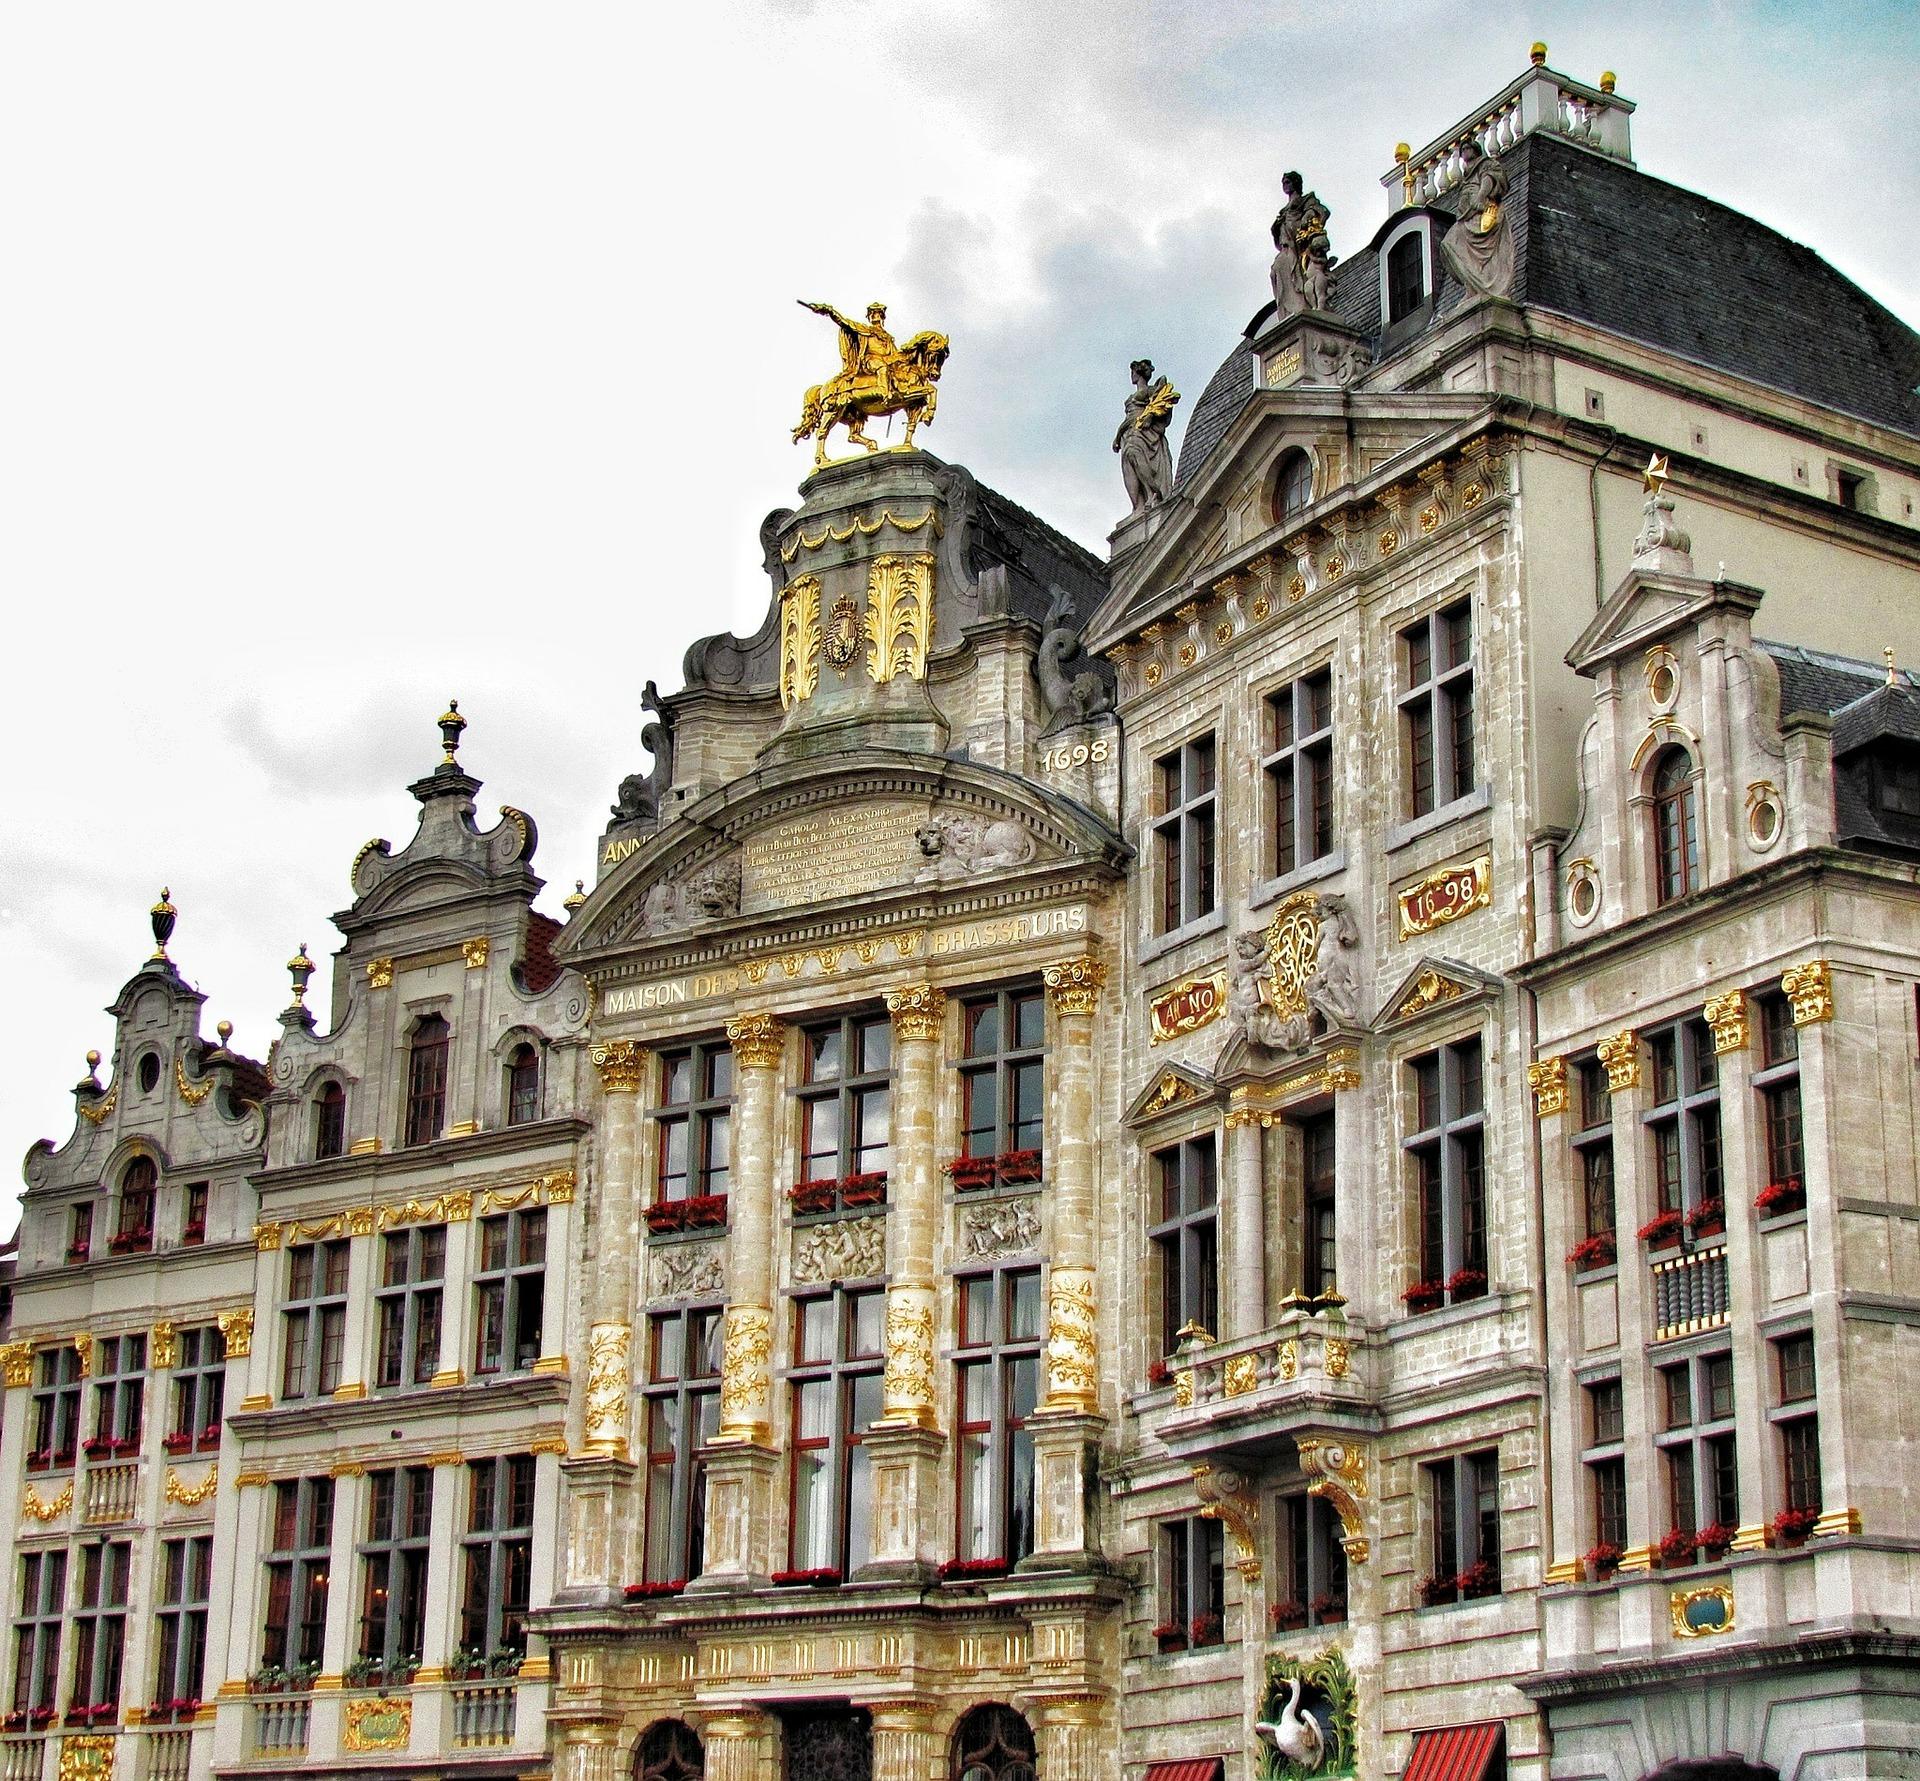 Les incontournables de Bruxelles-L'Hôtel de Ville de la Grand-Place